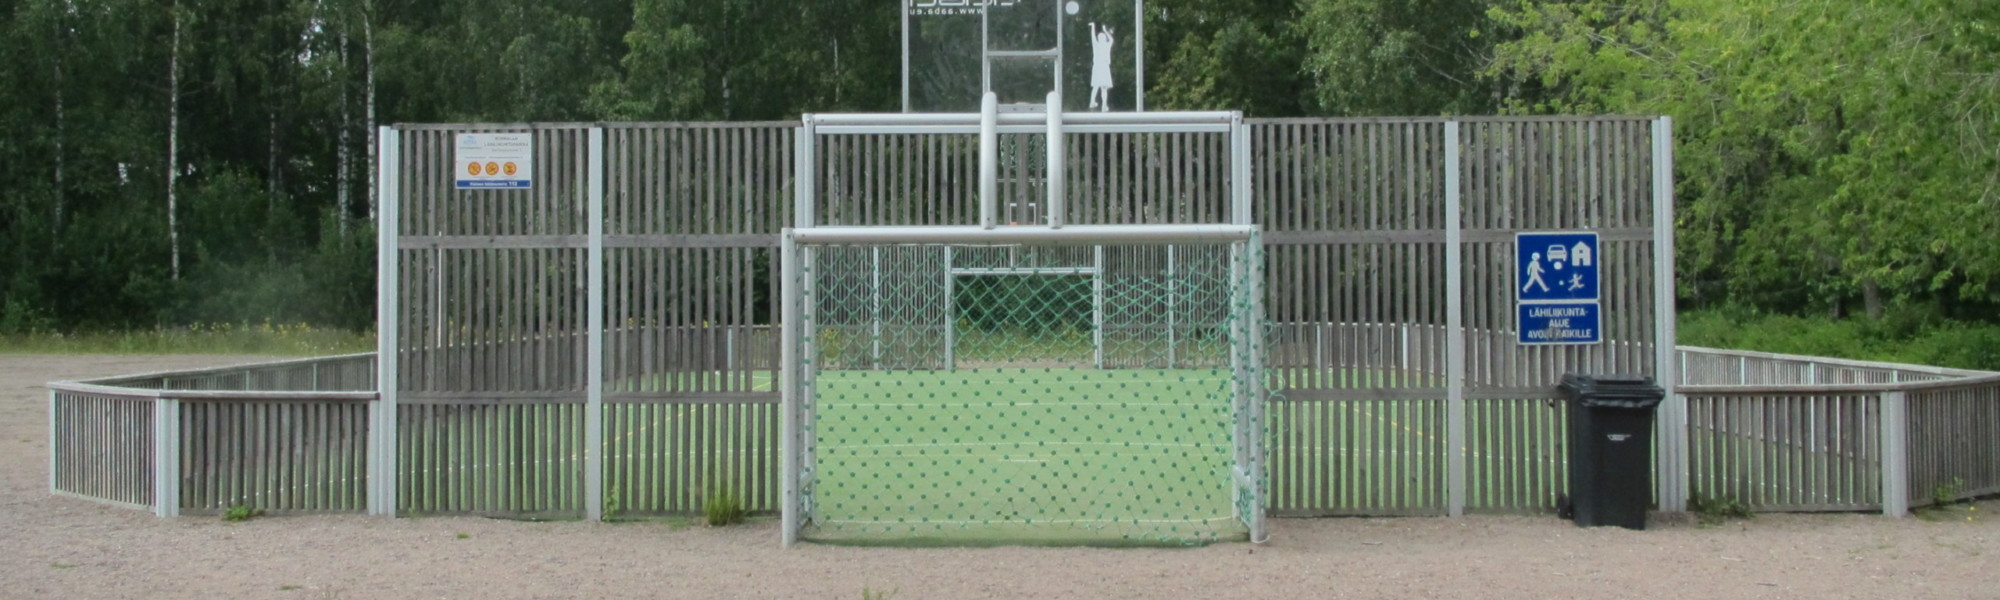 Kuvassa on Ruonalan koulun lähiliikuntapaikka